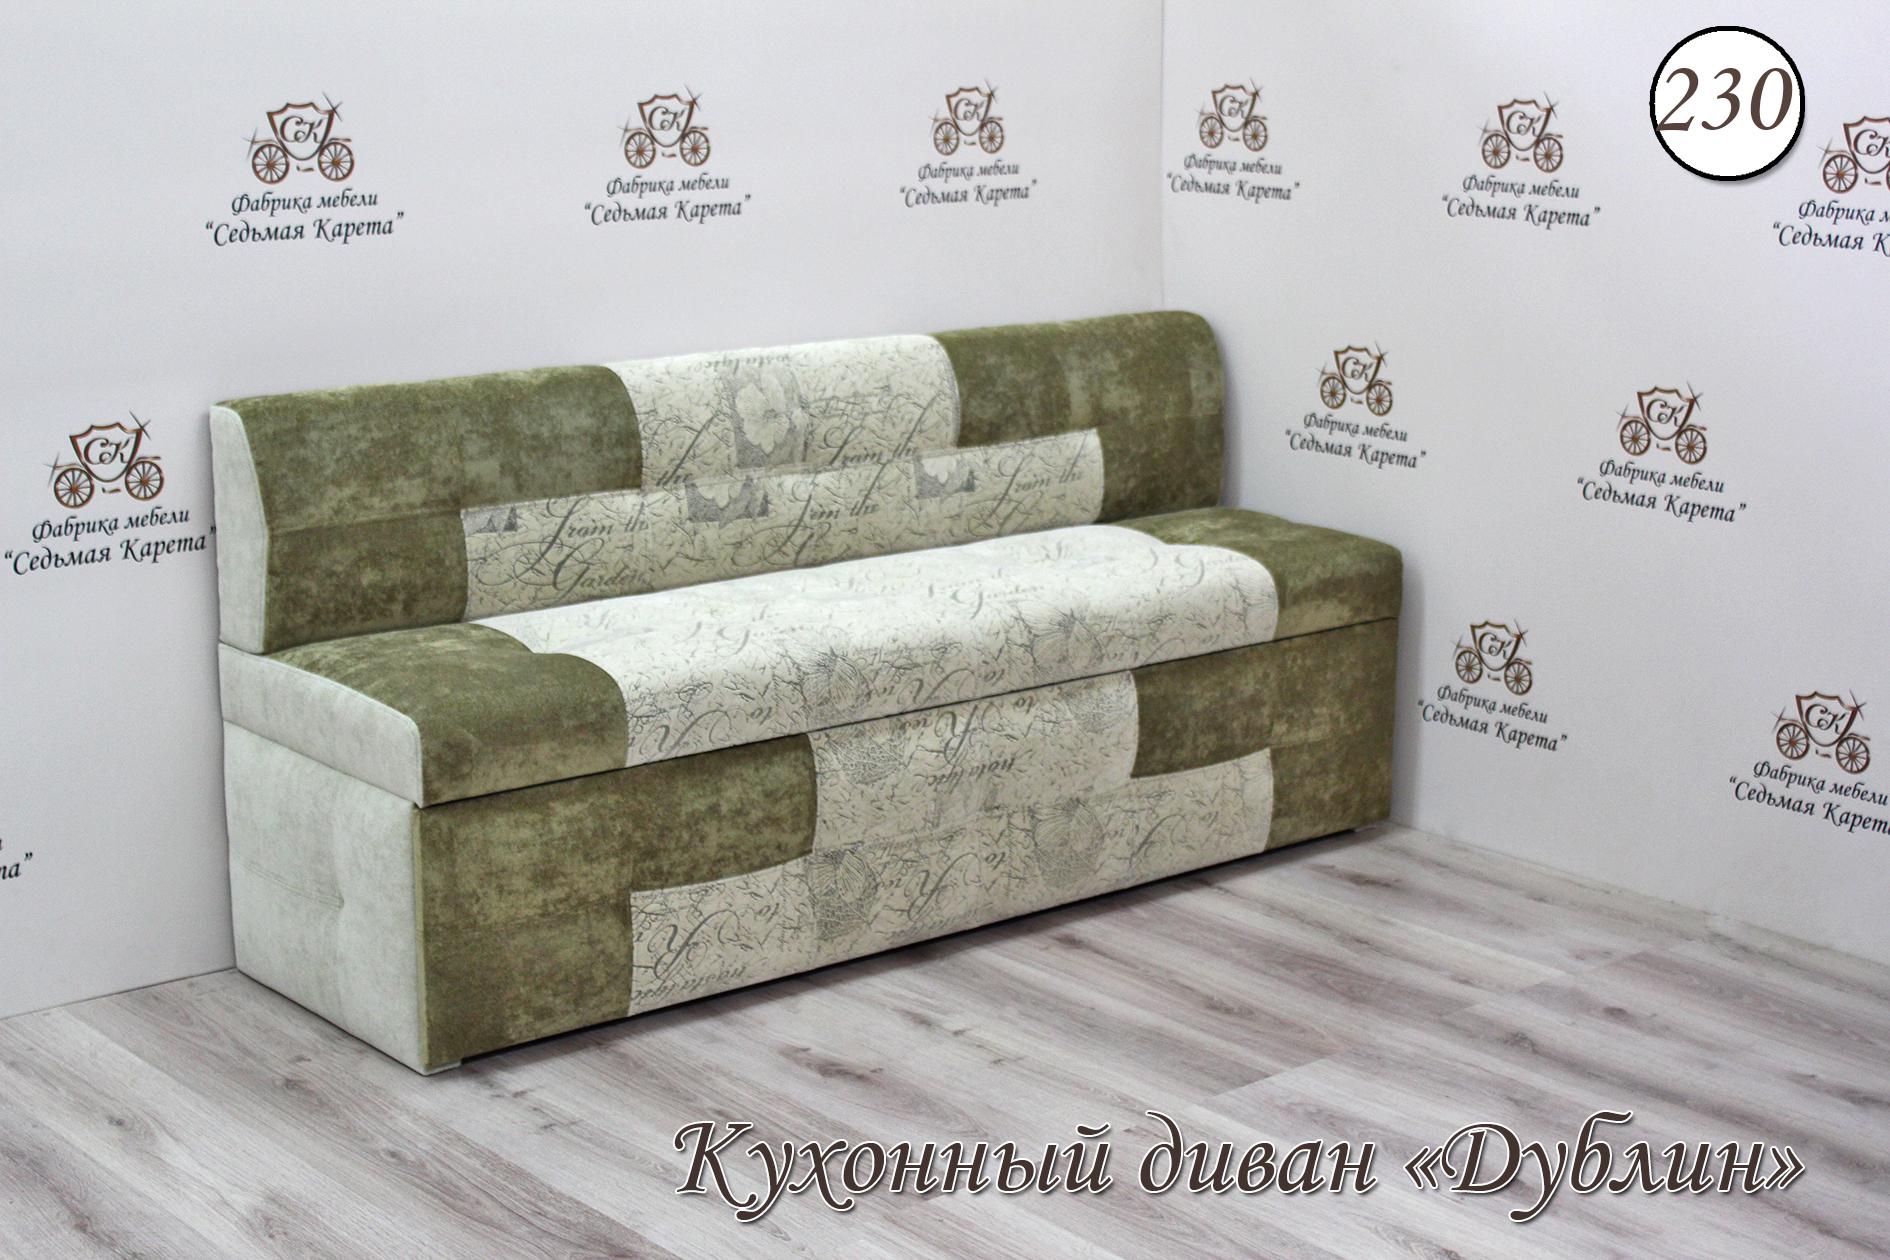 Кухонный диван Дублин-208